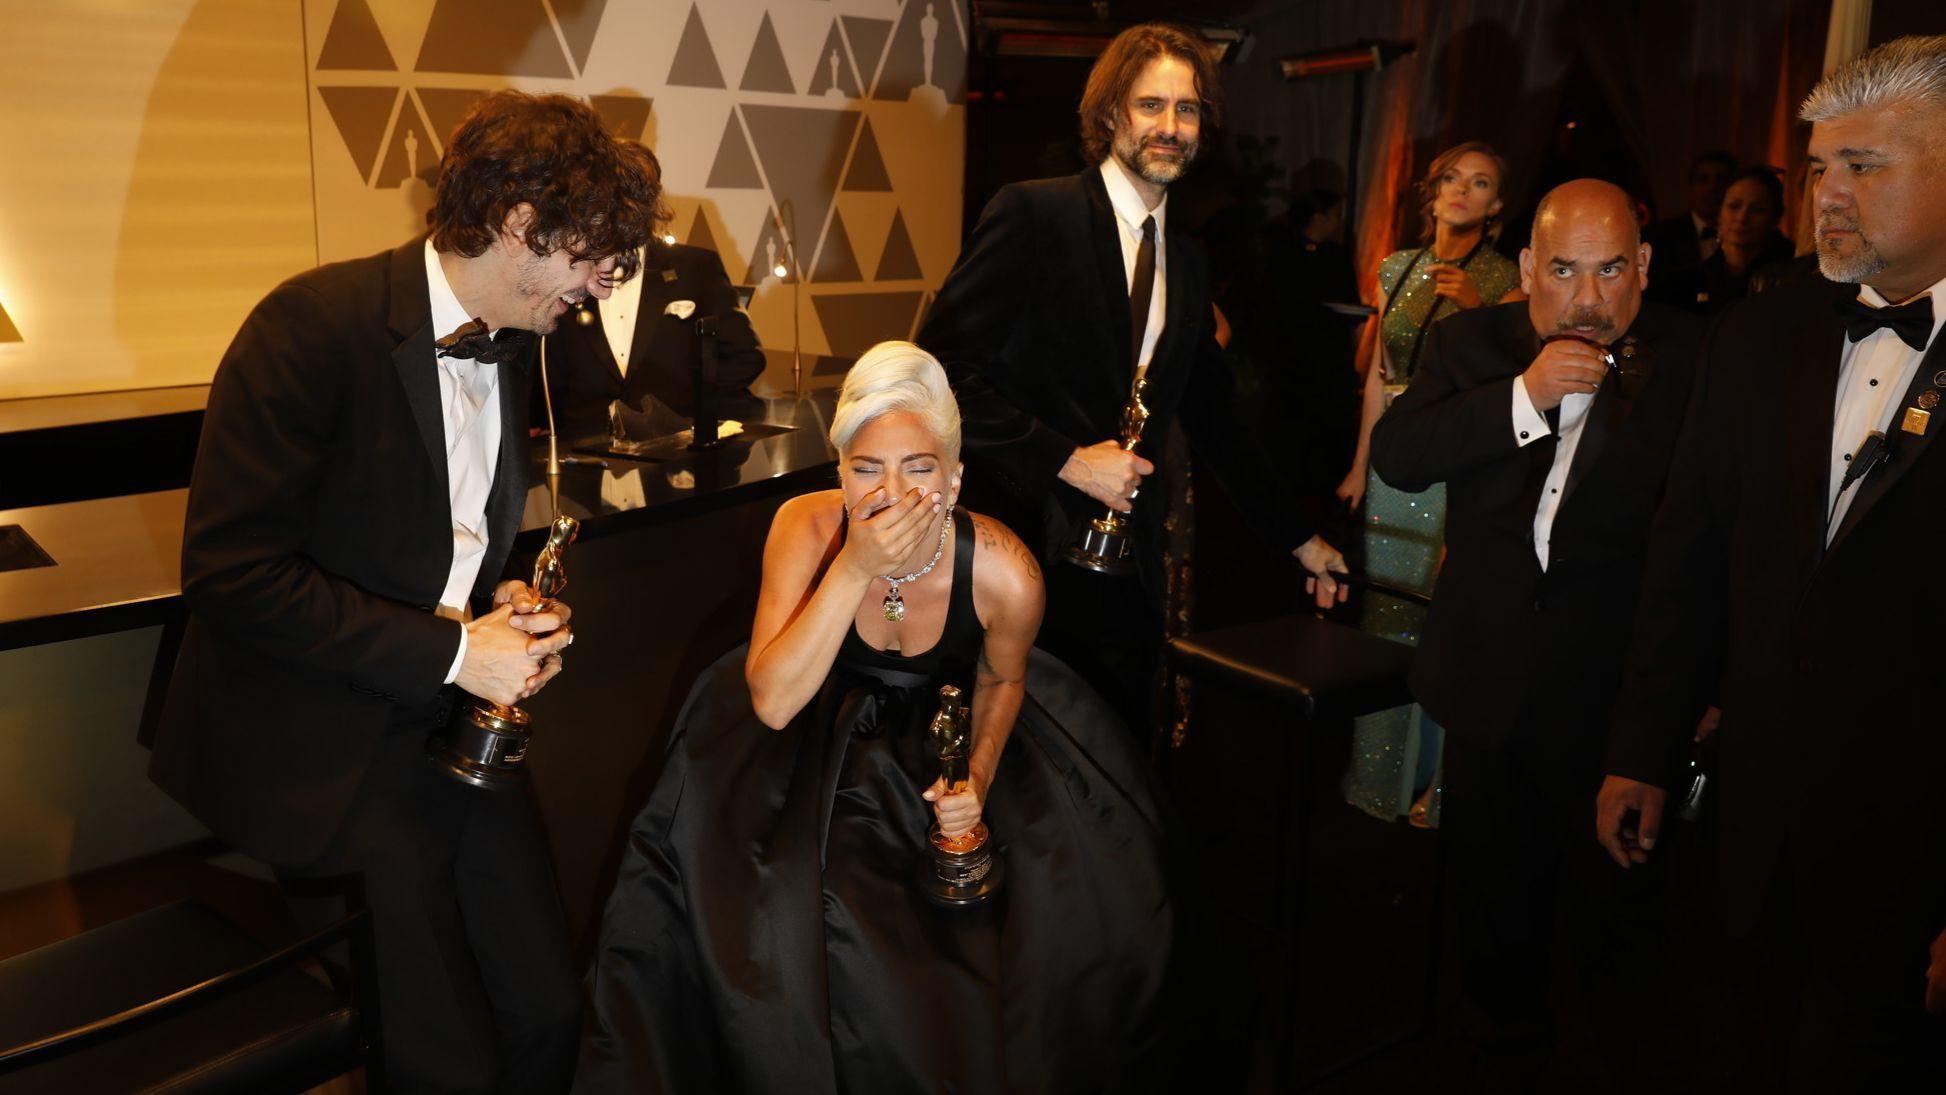 Anthony Rossomando, Lady Gaga, Andrew Wyatt